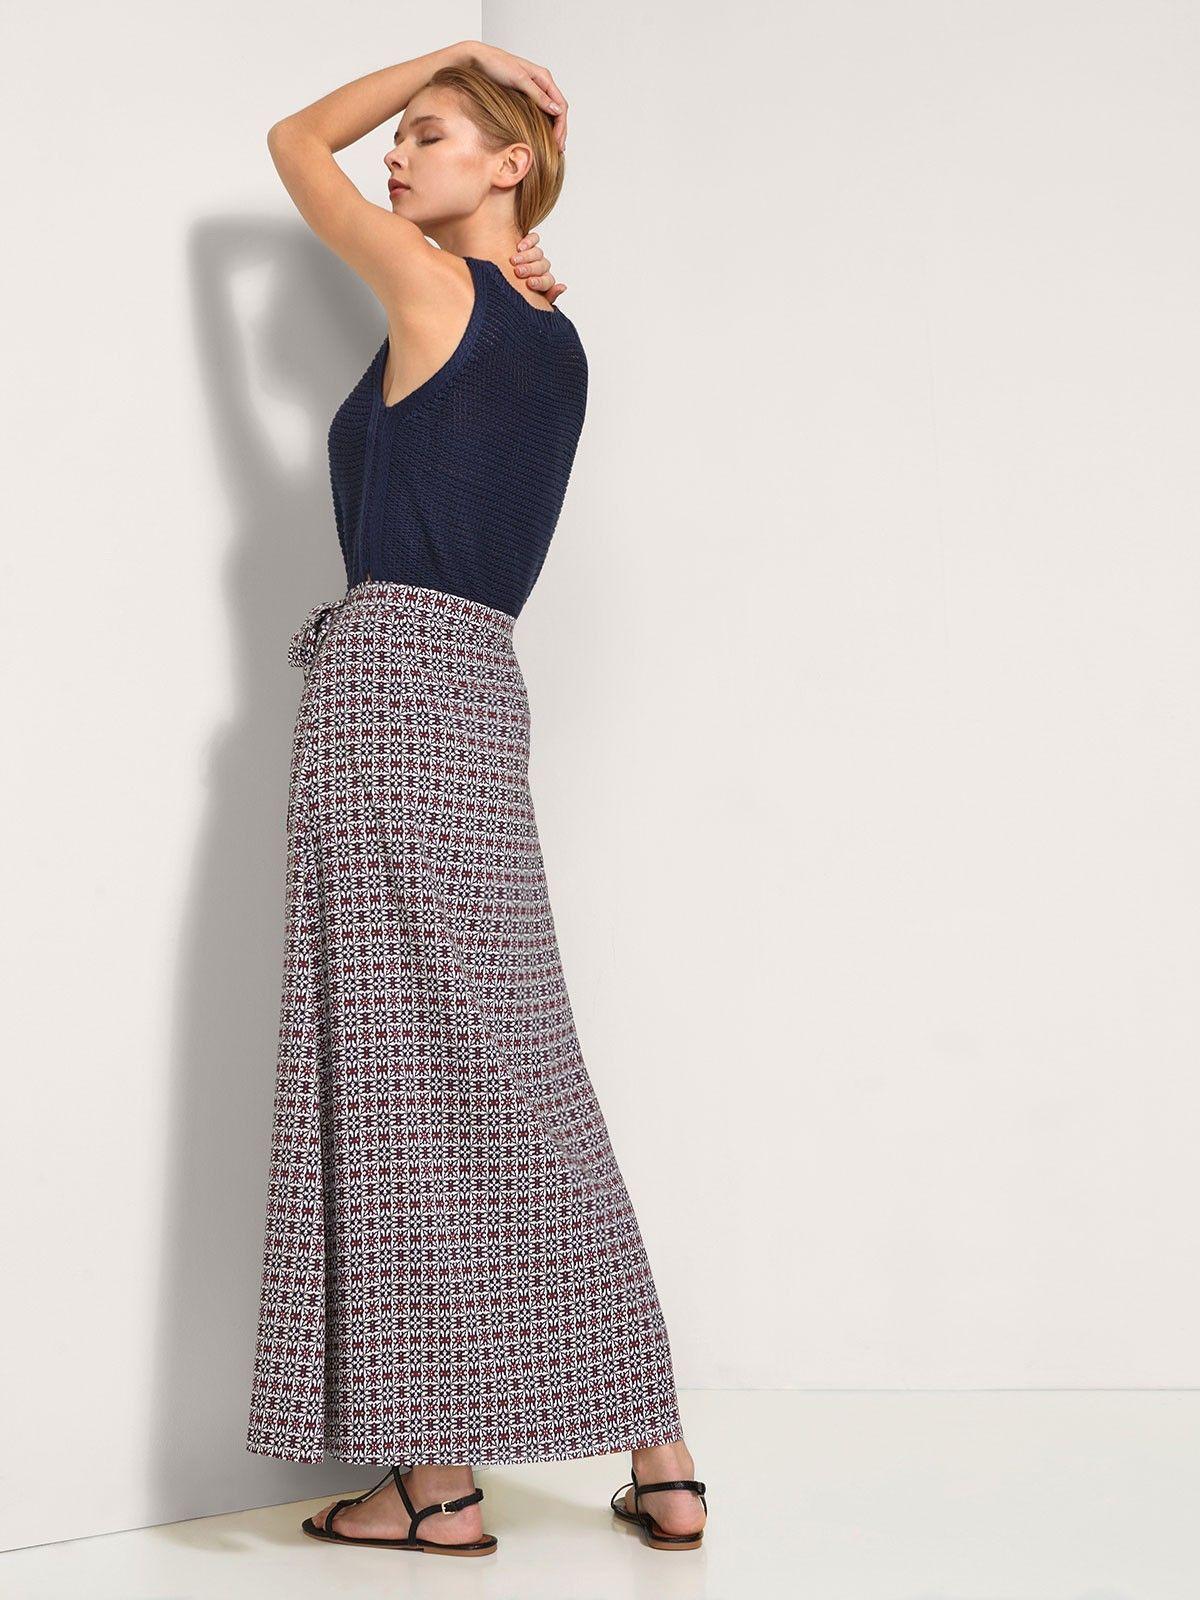 Falda cruzada con lazo en cintura ajustable y corte lateral. Es femenina, elegante y práctica, te la podrás poner con tops o camisetas lisas. Dále tu propio estilo.